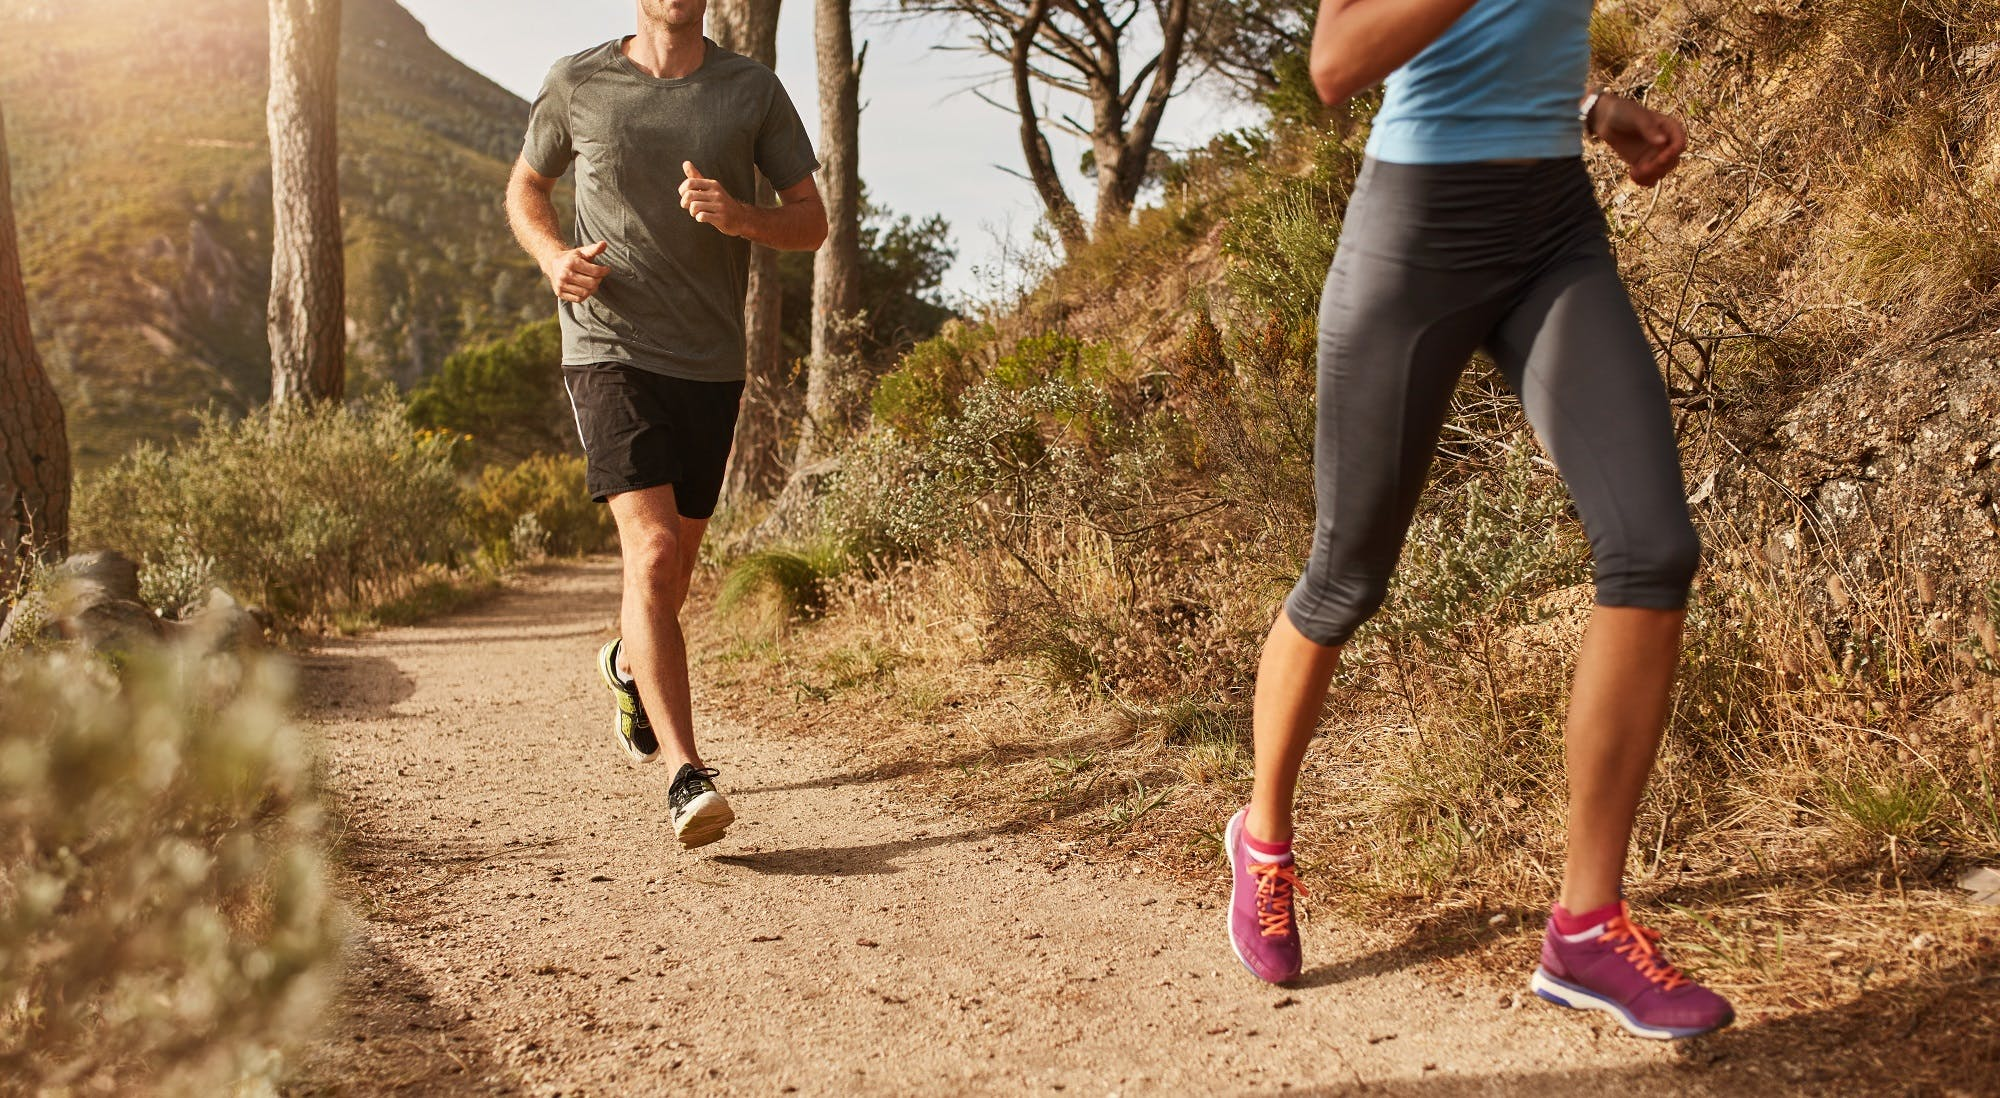 Πως η μελέτη του Ansys προσομοιώνει την απόσταση στο τρέξιμο στην εποχή του Covid-19